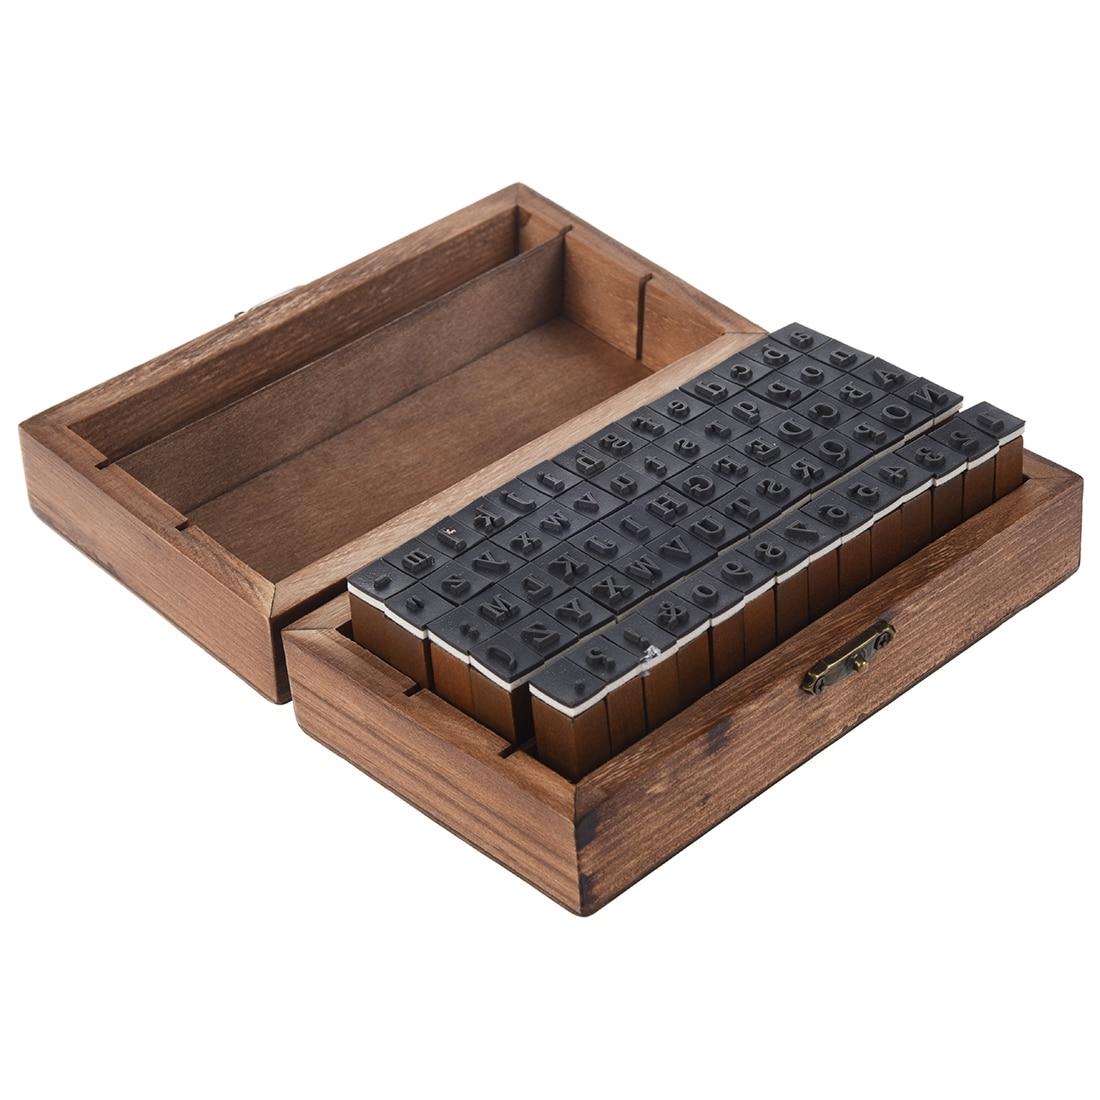 Nouveau Pack de 70 pcs En Caoutchouc Timbres Vintage Set Boîte En Bois Cas Alphabet Lettres Nombre Artisanat (Aucun Tampon Encreur inclus)